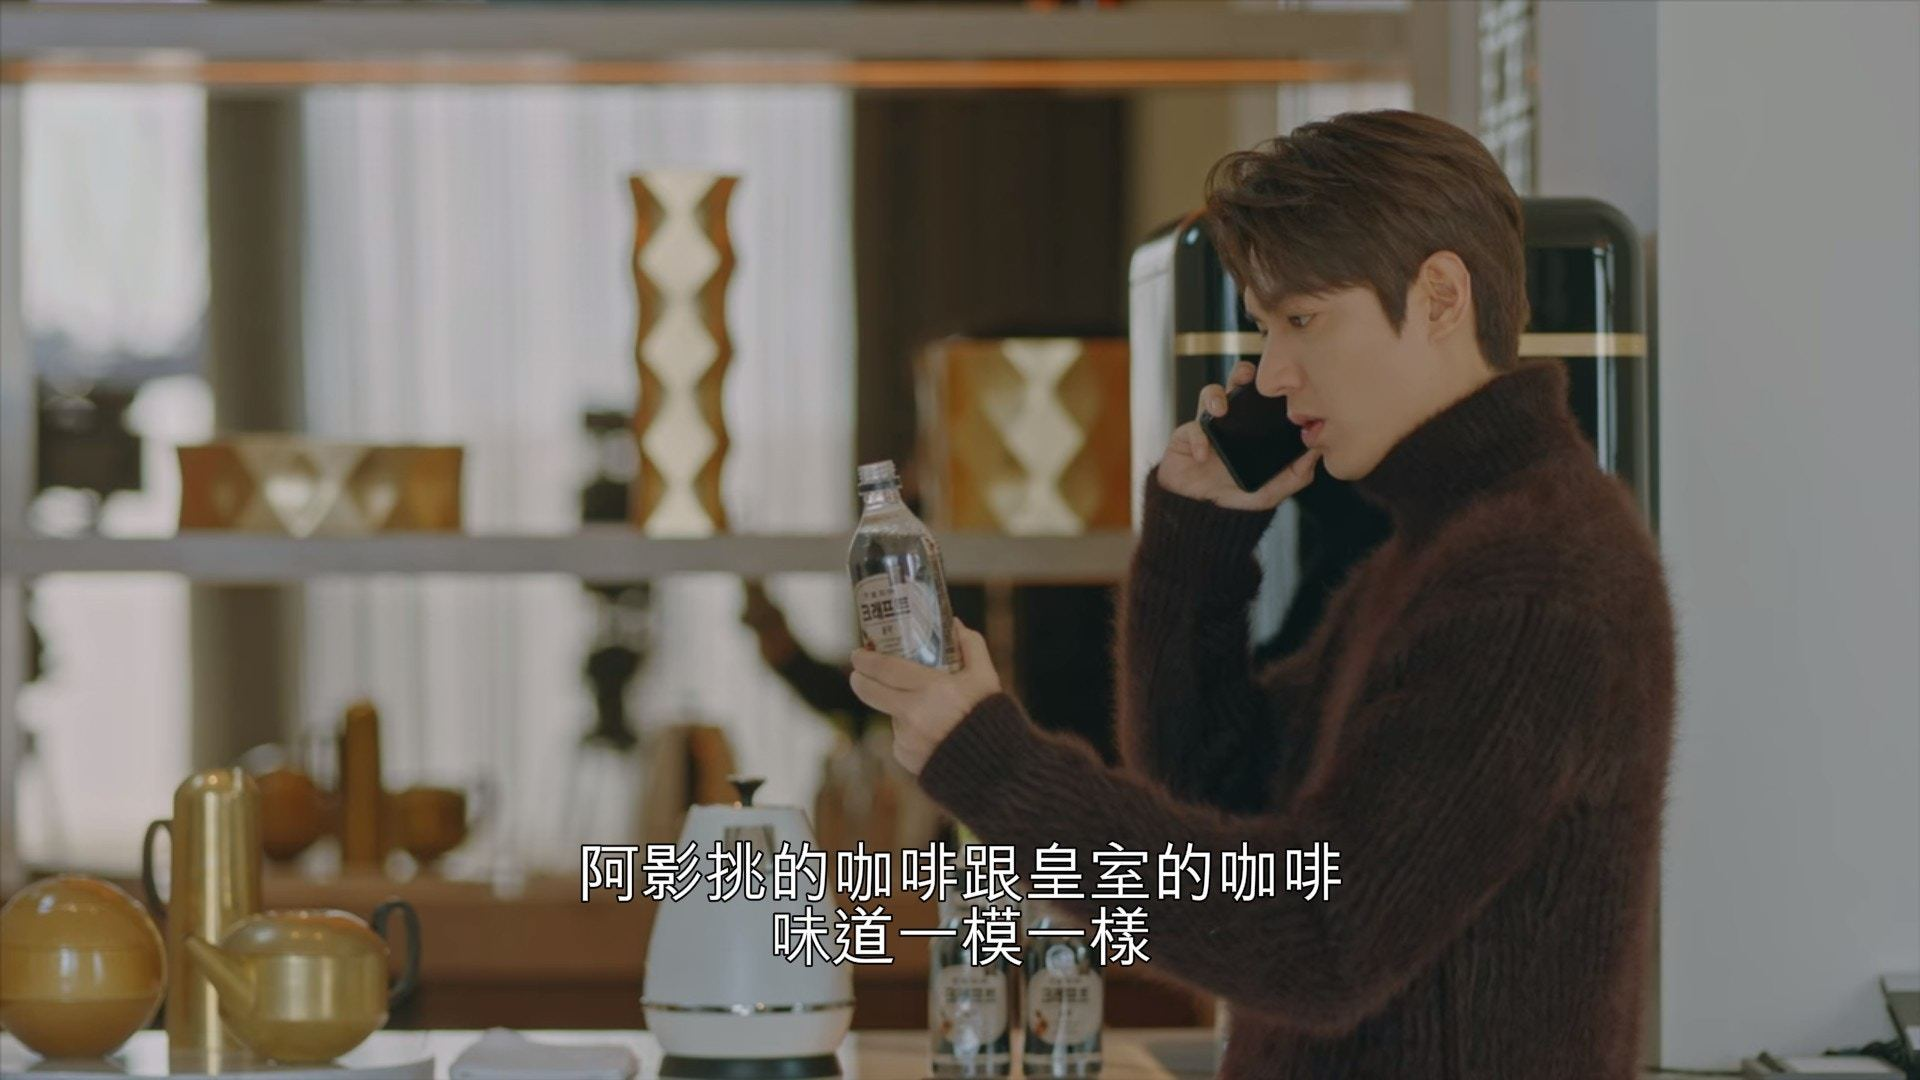 收视创新低!韩剧《国王:永远的君主》广告植入太生硬,引网友吐槽:这是电视剧还是购物广告?插图7